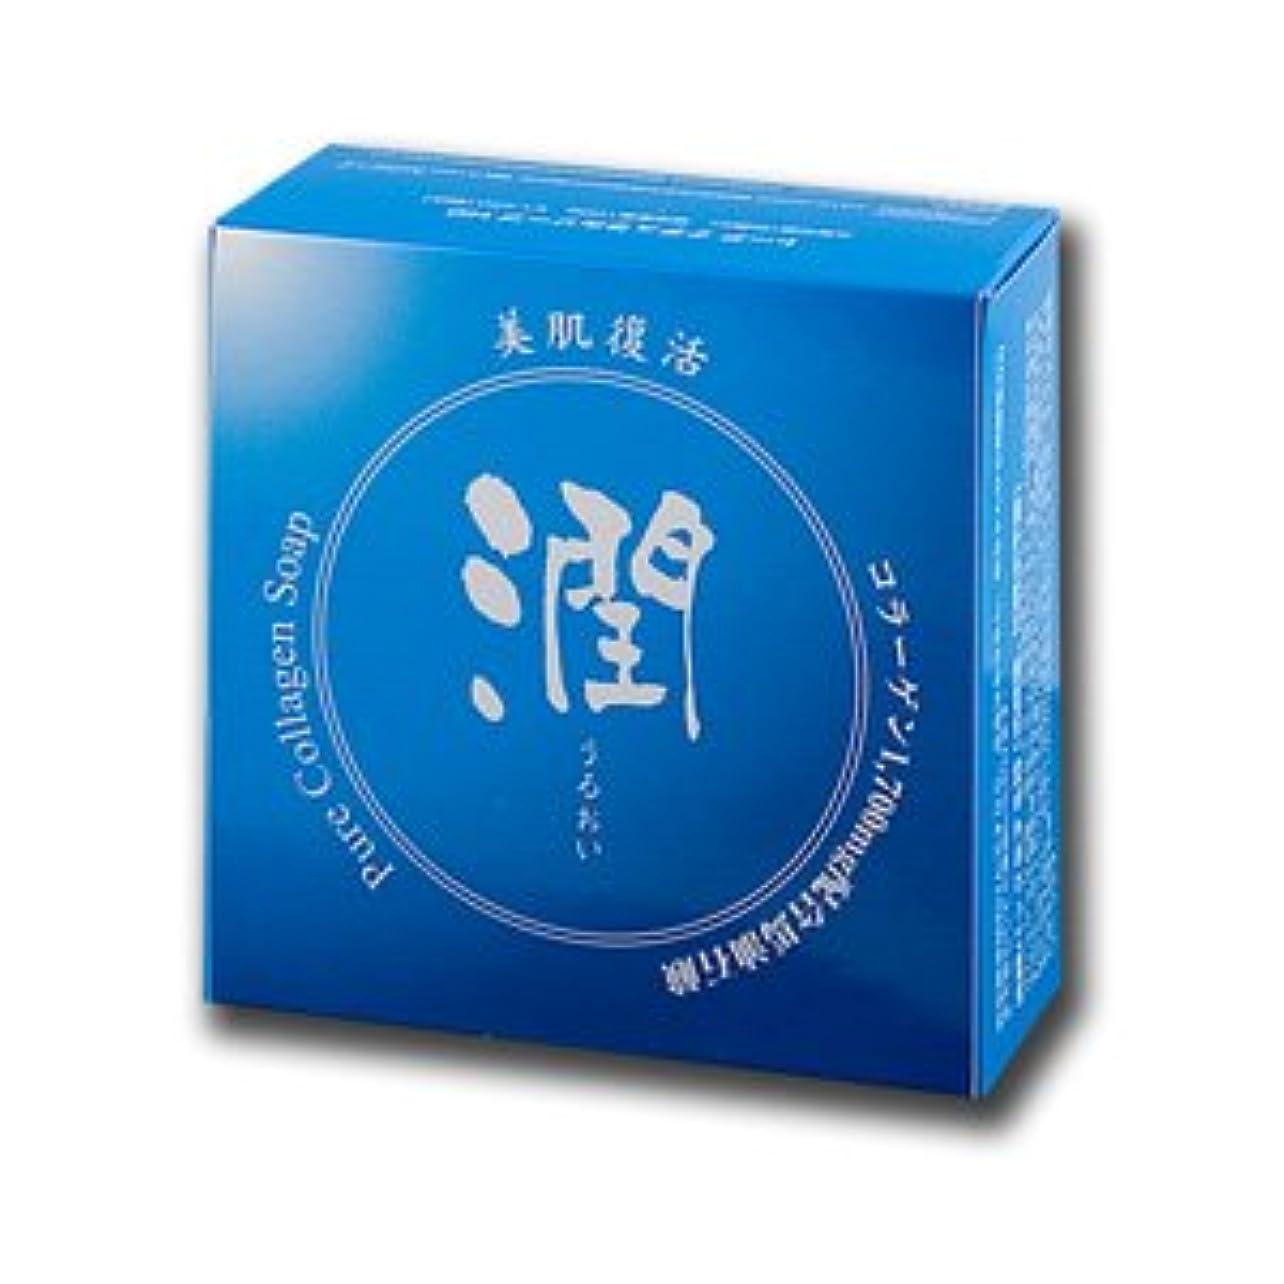 実際飾る名前コラーゲン馬油石鹸 潤 100g (#800410) ×5個セット